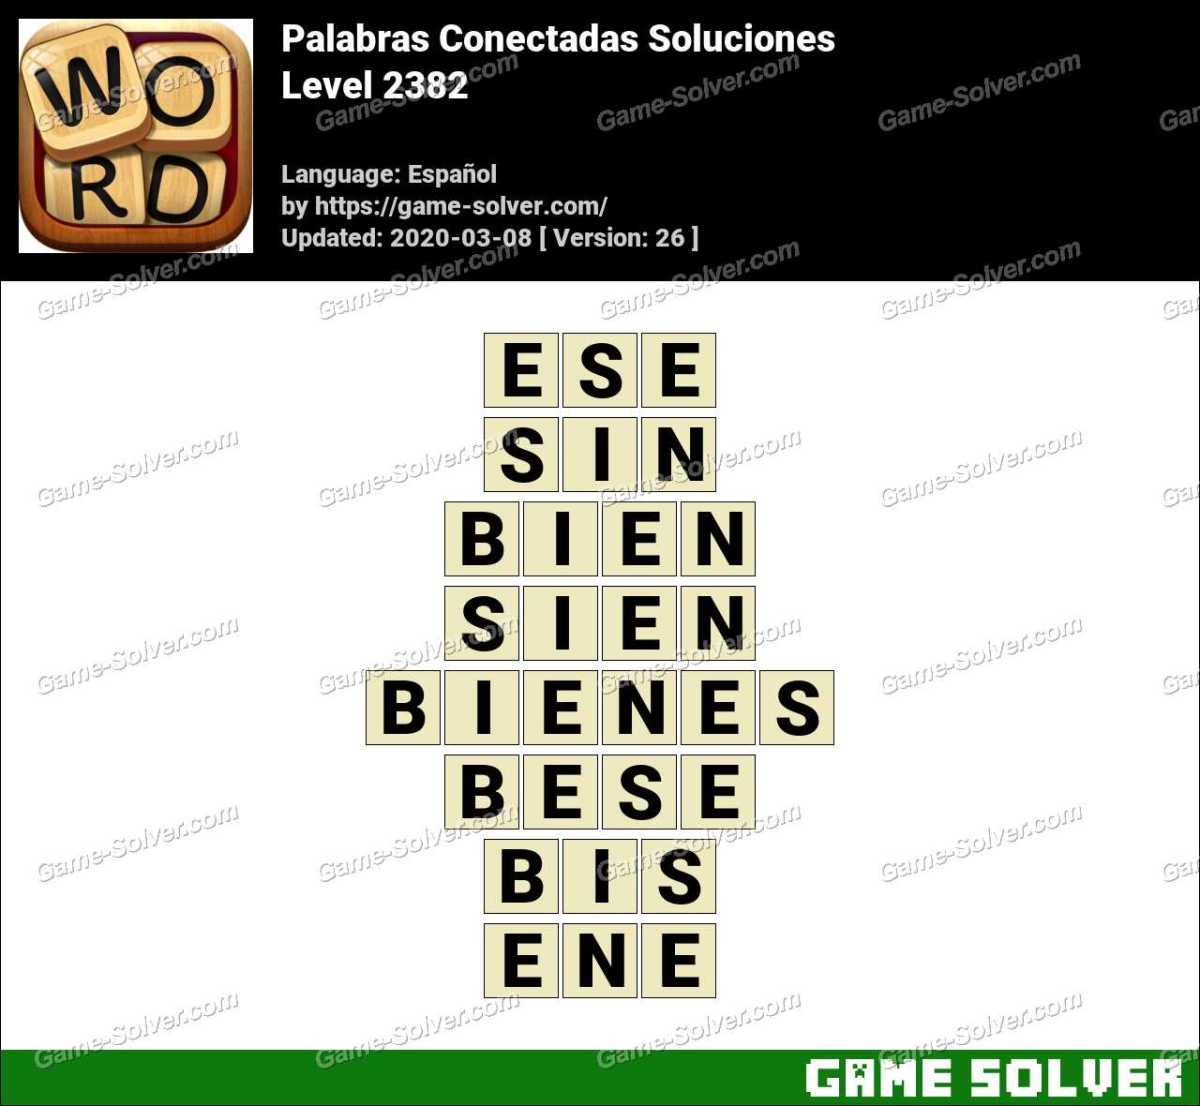 Palabras Conectadas Nivel 2382 Soluciones